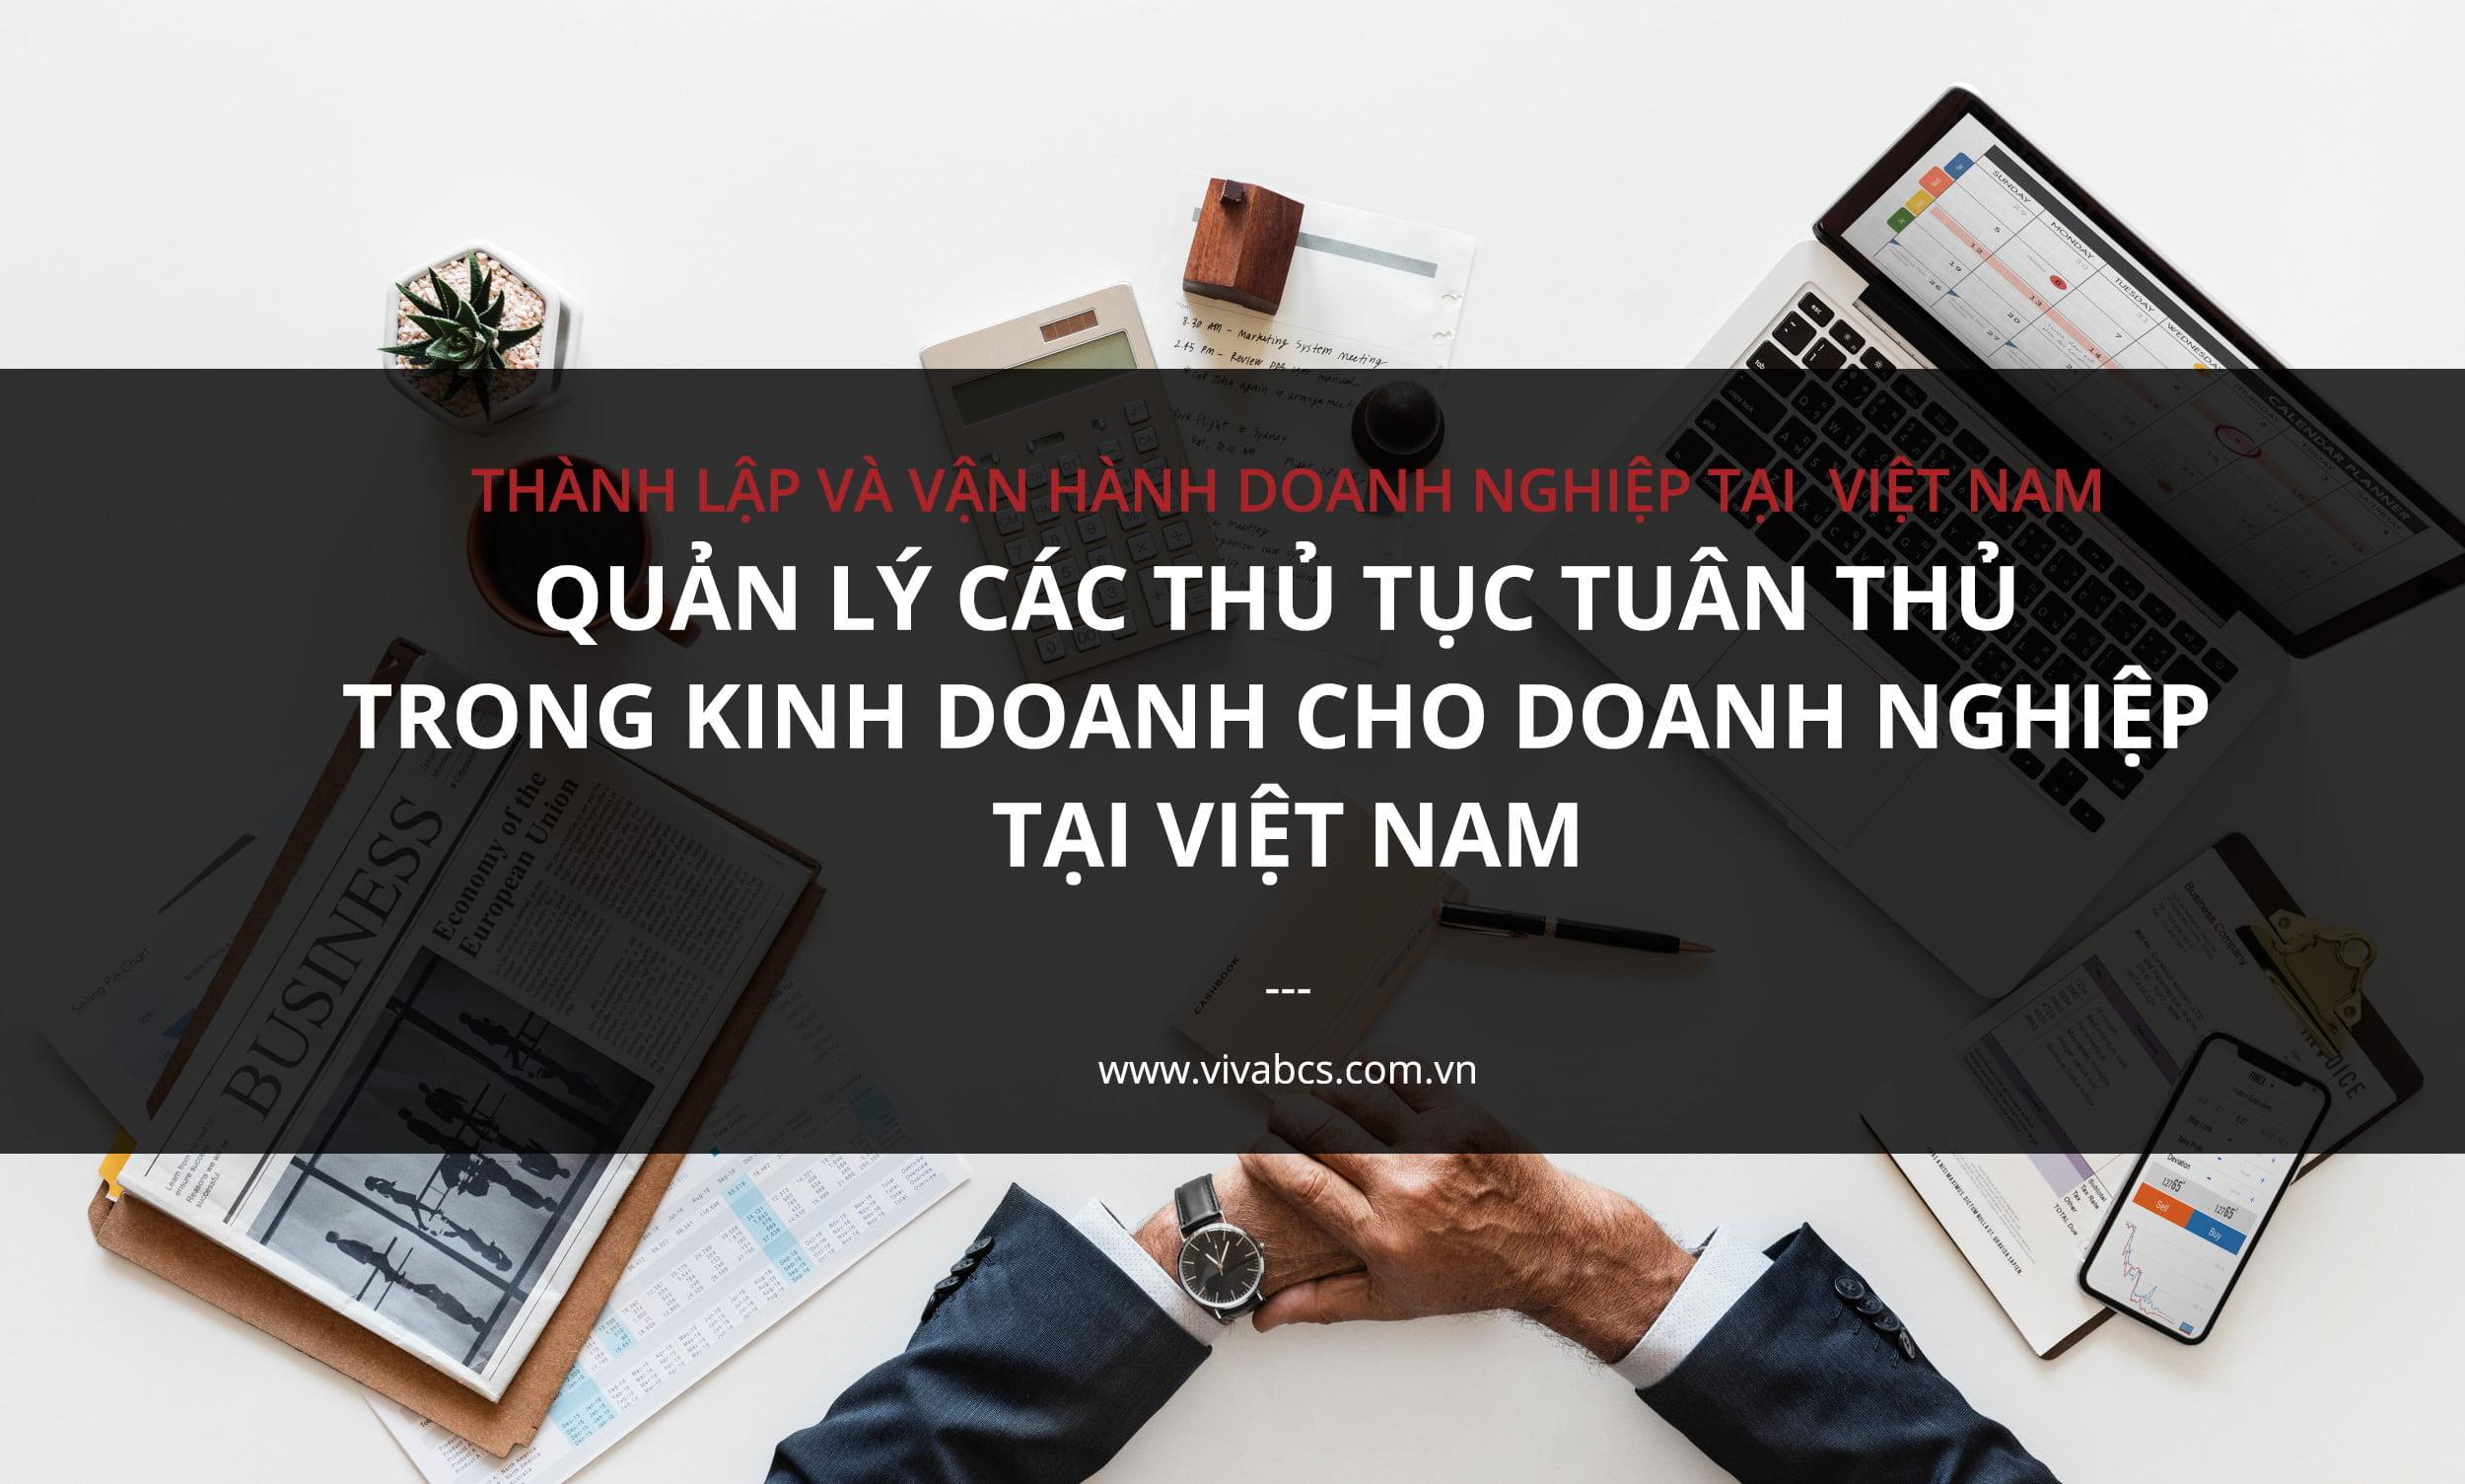 Quản lý các thủ tục tuân thủ trong kinh doanh cho doanh nghiệp tại Việt Nam